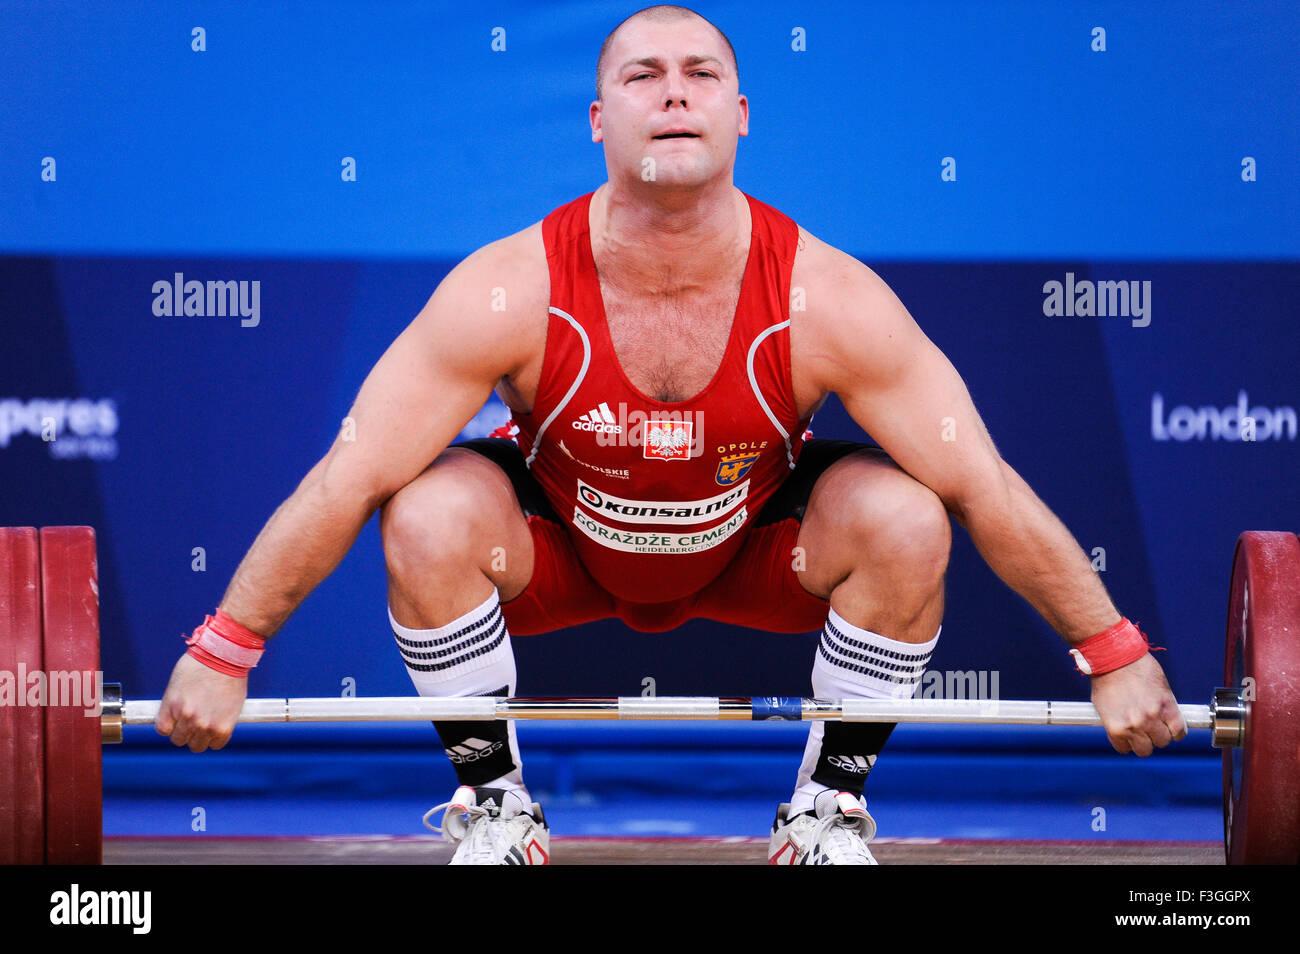 Bartlomiej BONK (POL) à l'arraché, le Londres prépare les Jeux Olympiques d'Haltérophilie Photo Stock